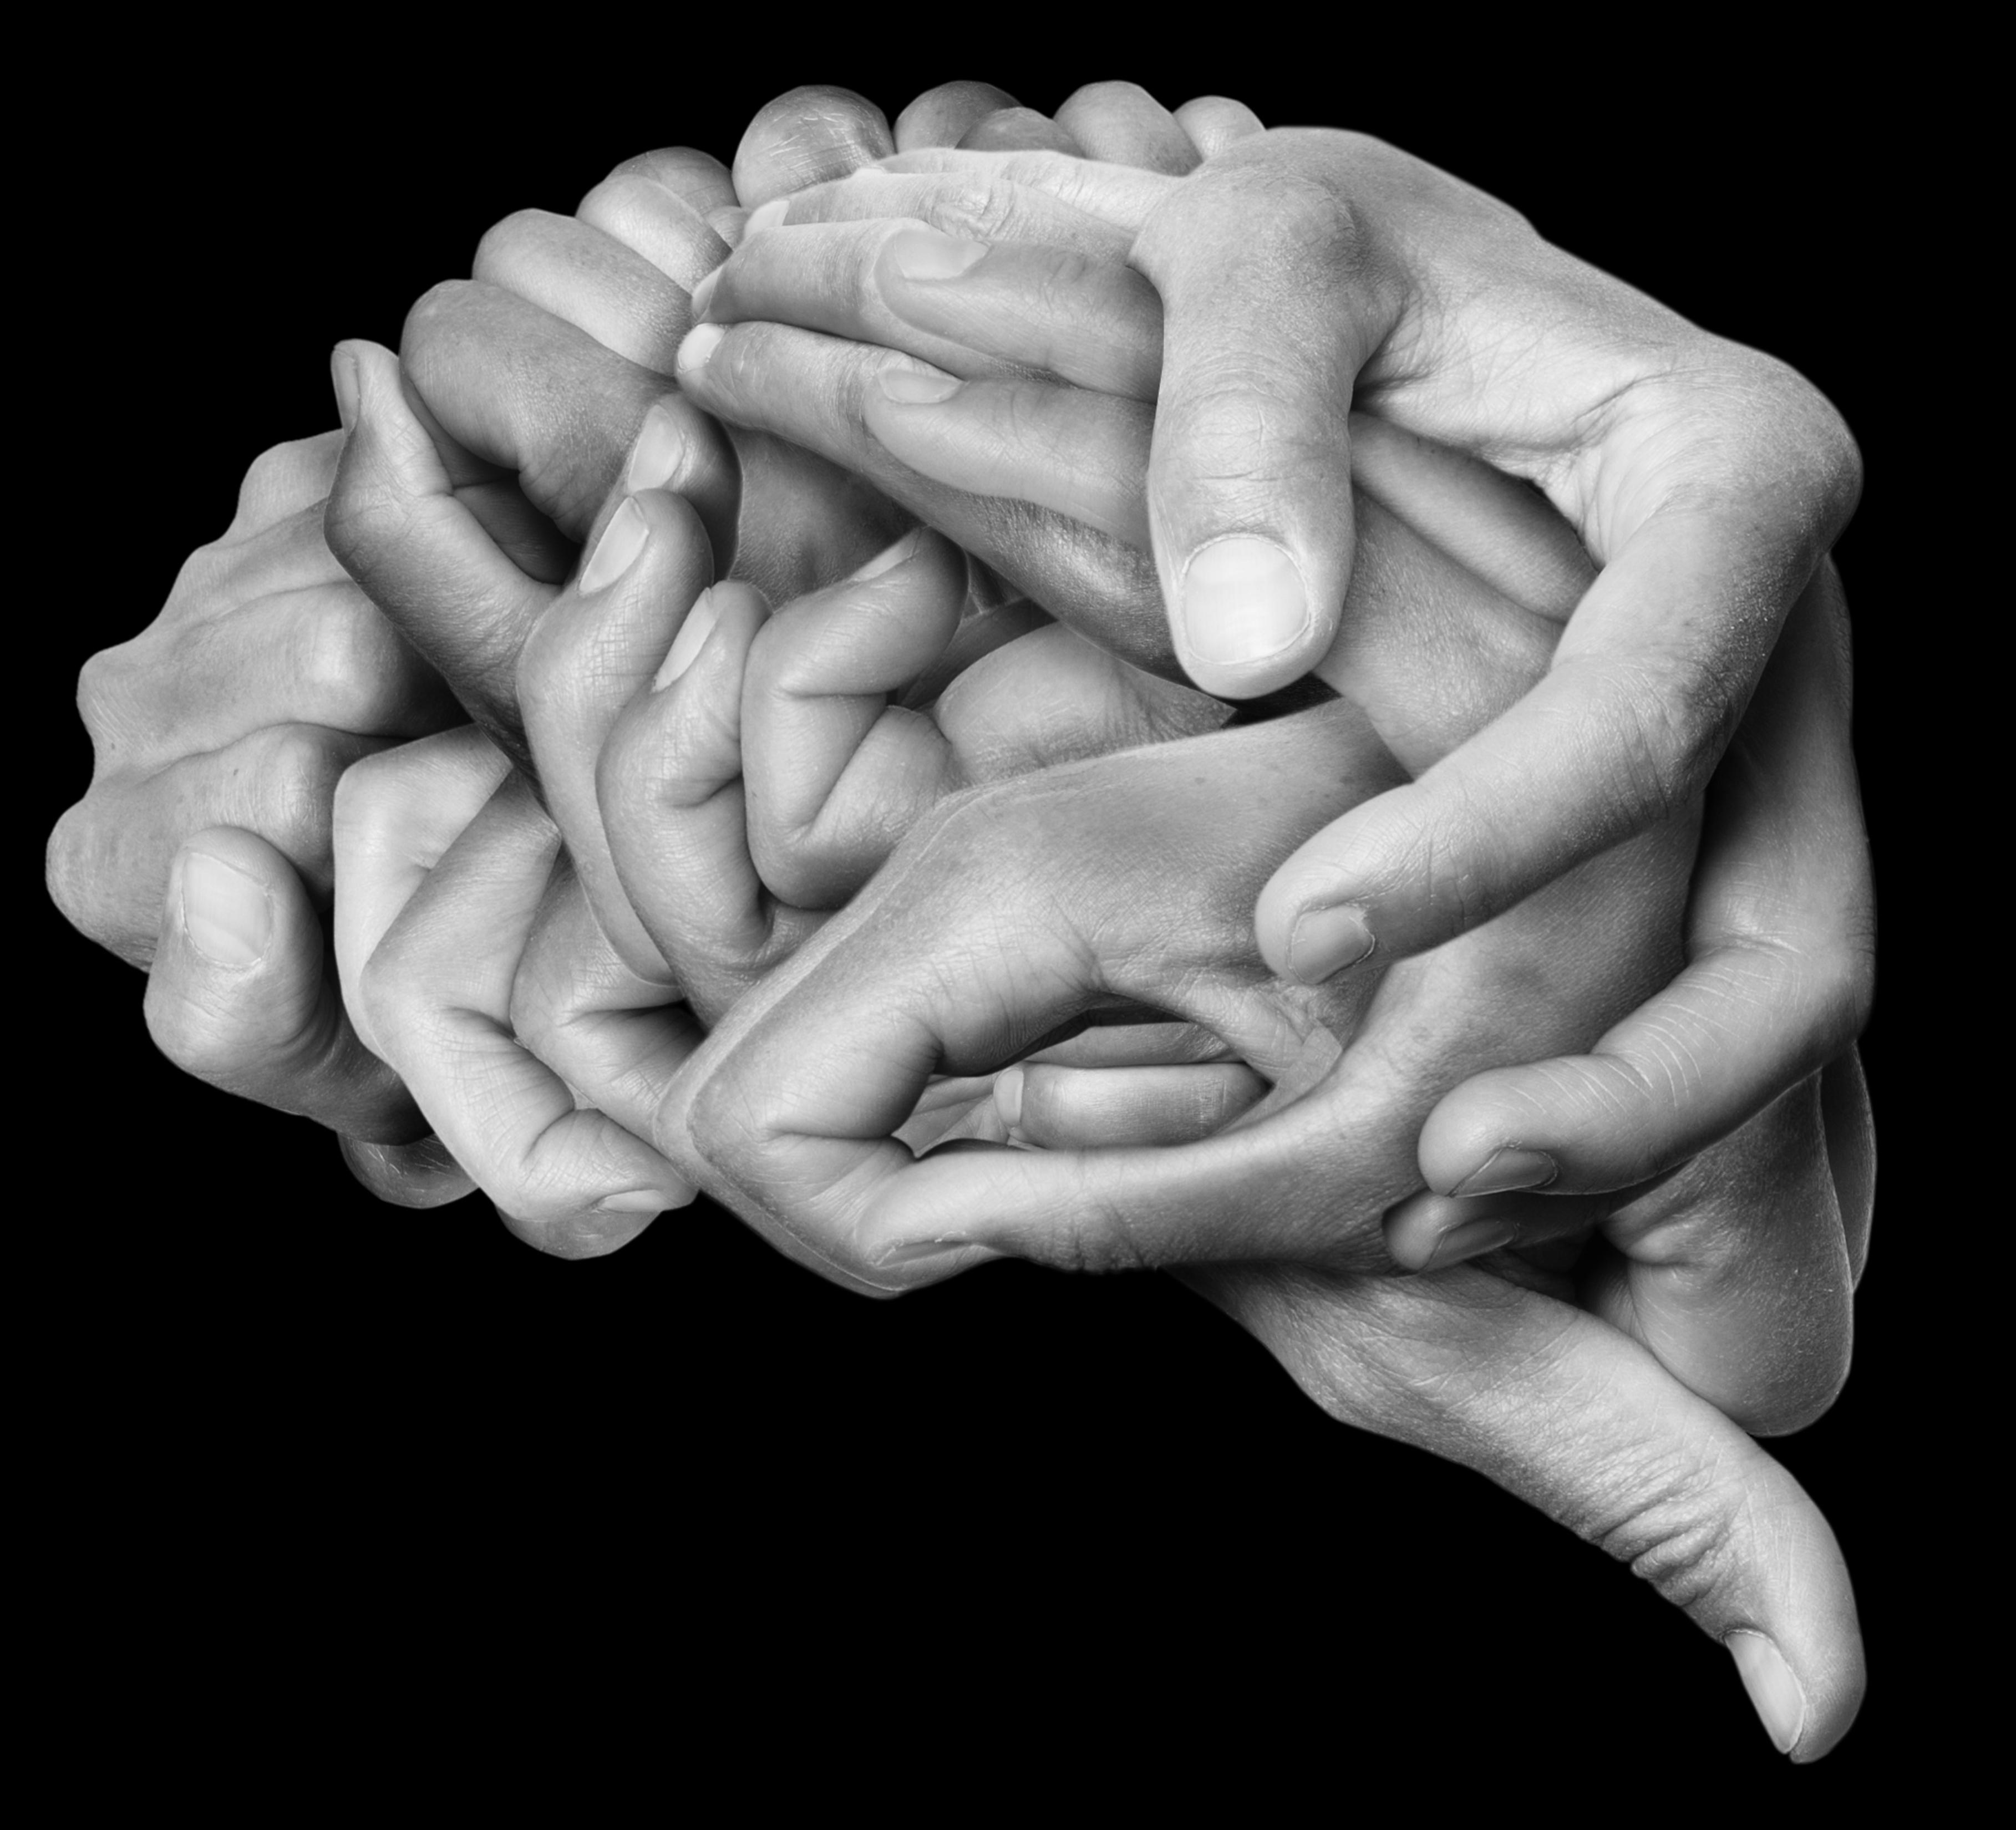 Imagen de un conjunto de manos que simulan la silueta de un cerebro